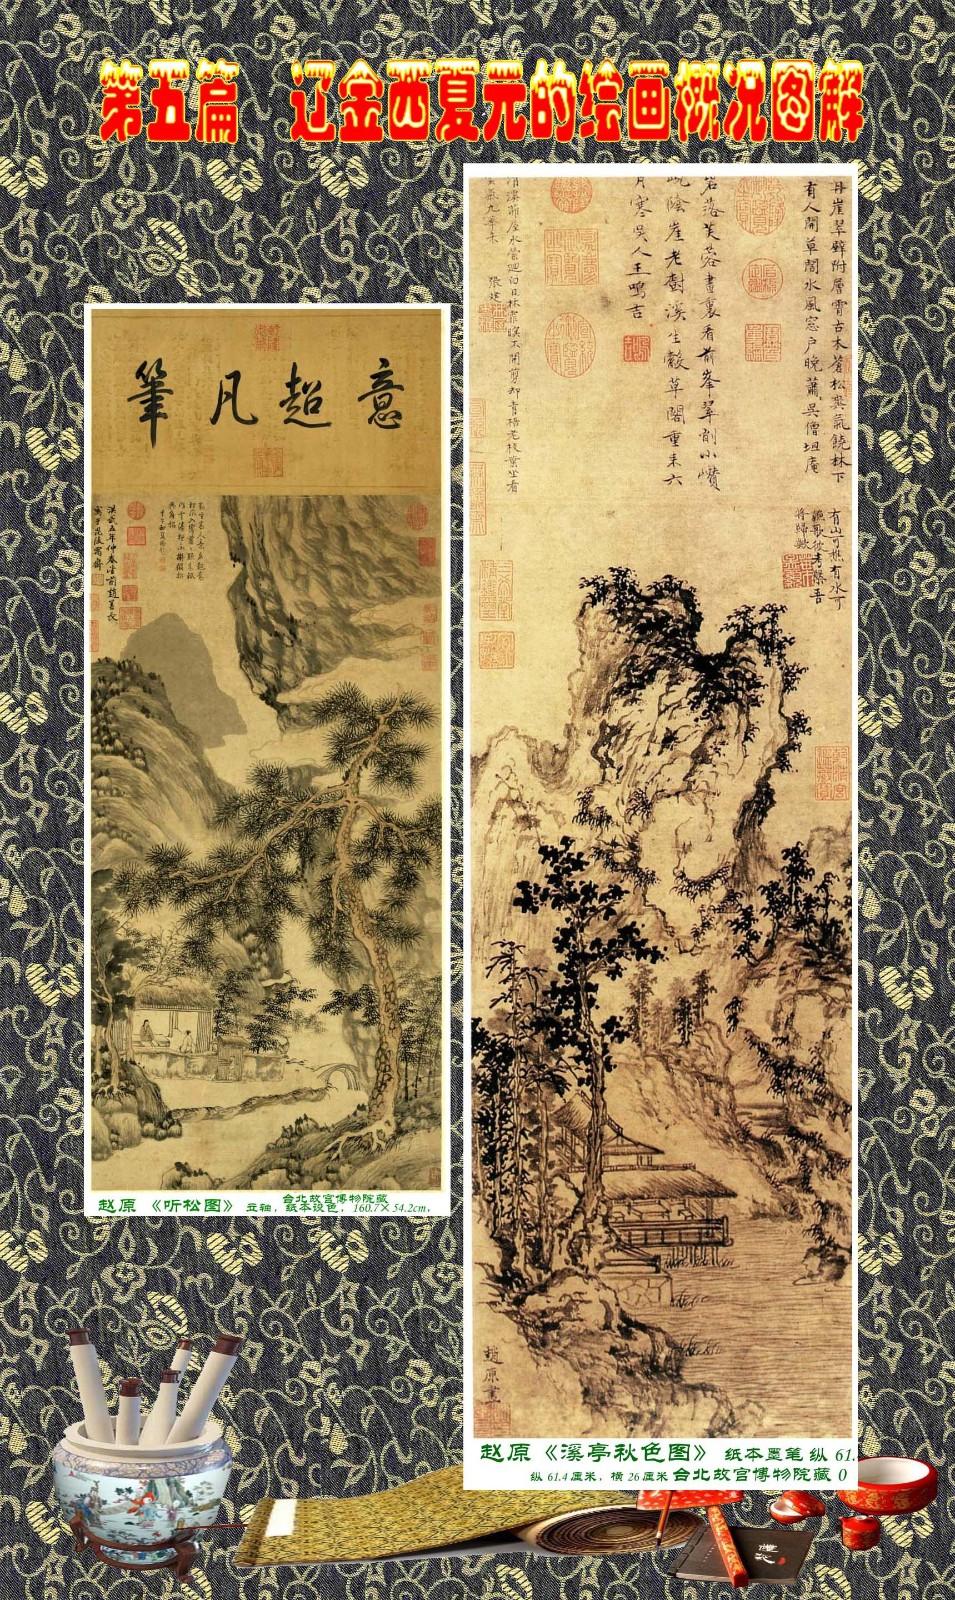 顾绍骅编辑 中国画知识普及版 第五篇 辽金西夏元的绘画概况 下 ... ..._图1-101